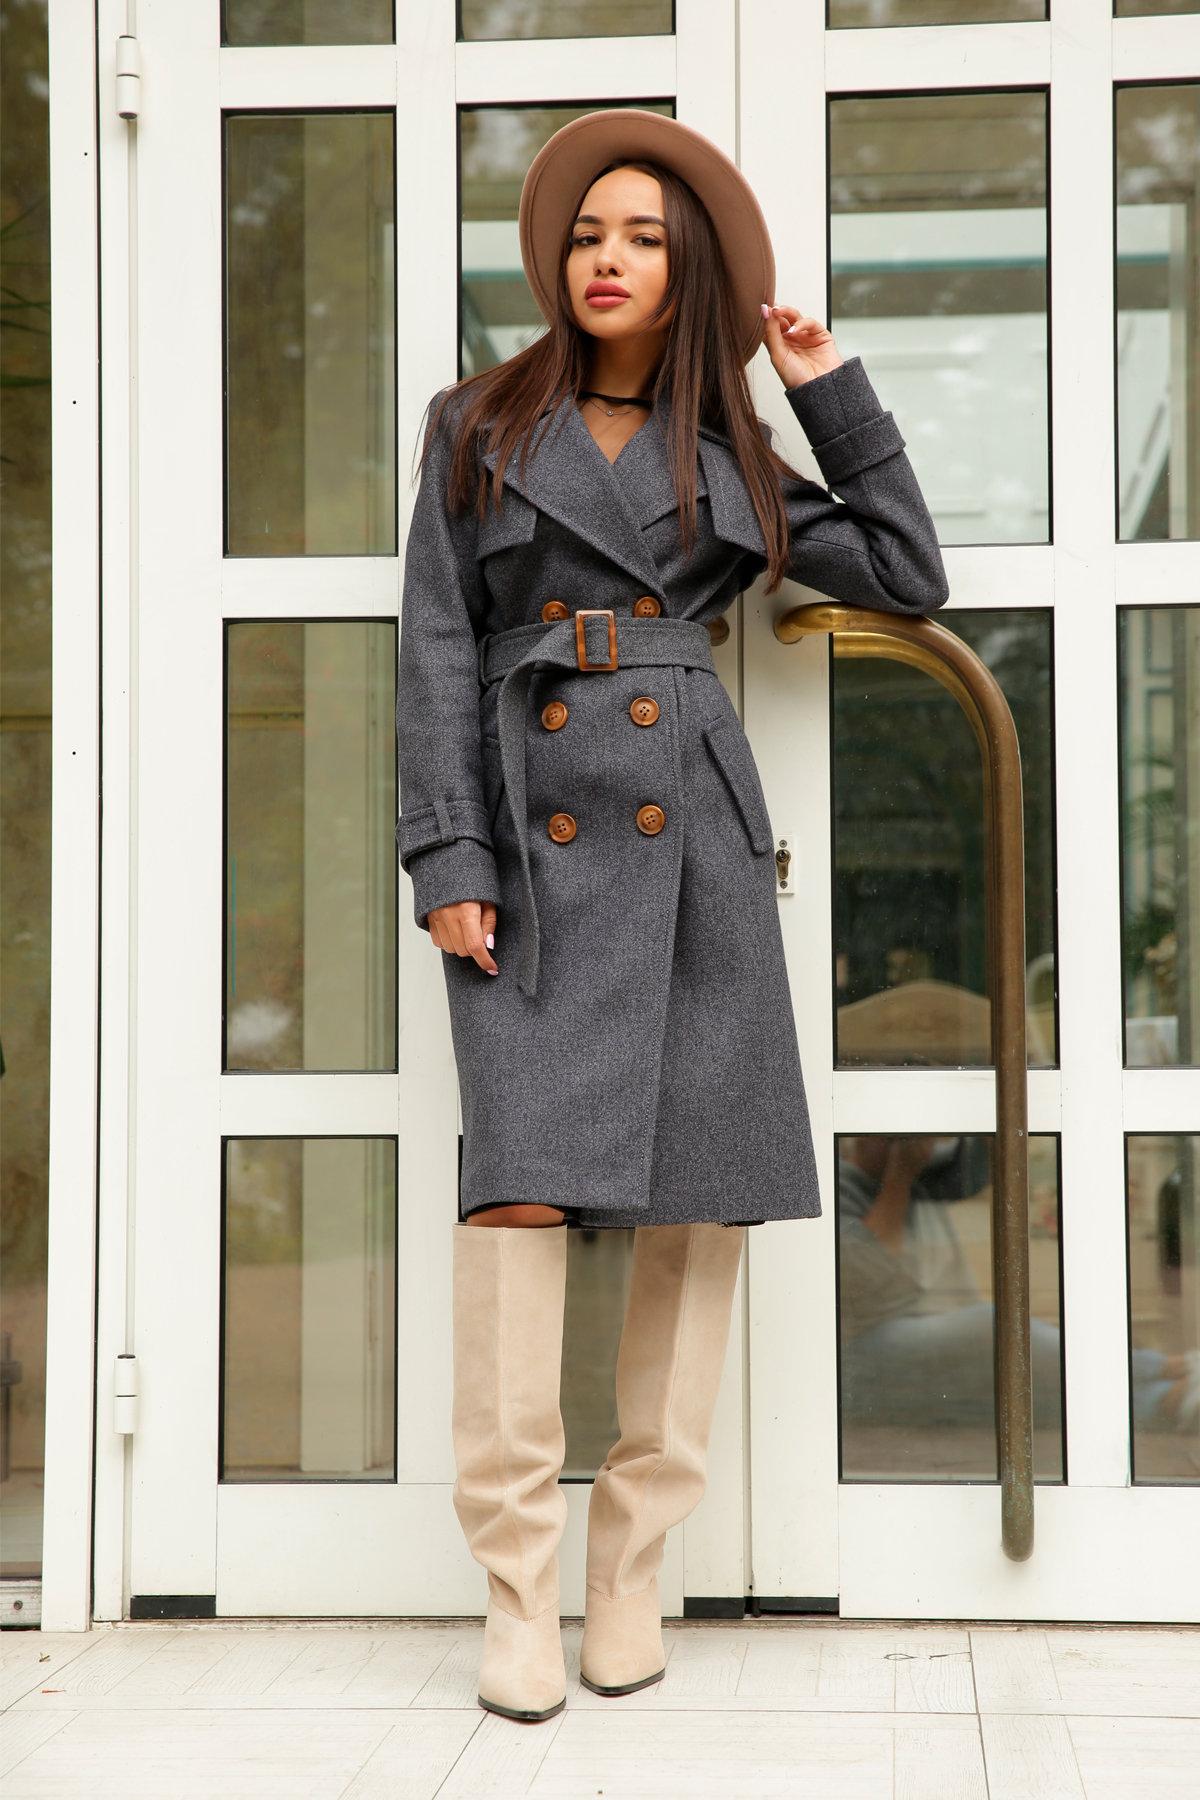 Двубортное пальто демисезон Монте 8089 АРТ. 44032 Цвет: т. синий 543 - фото 7, интернет магазин tm-modus.ru